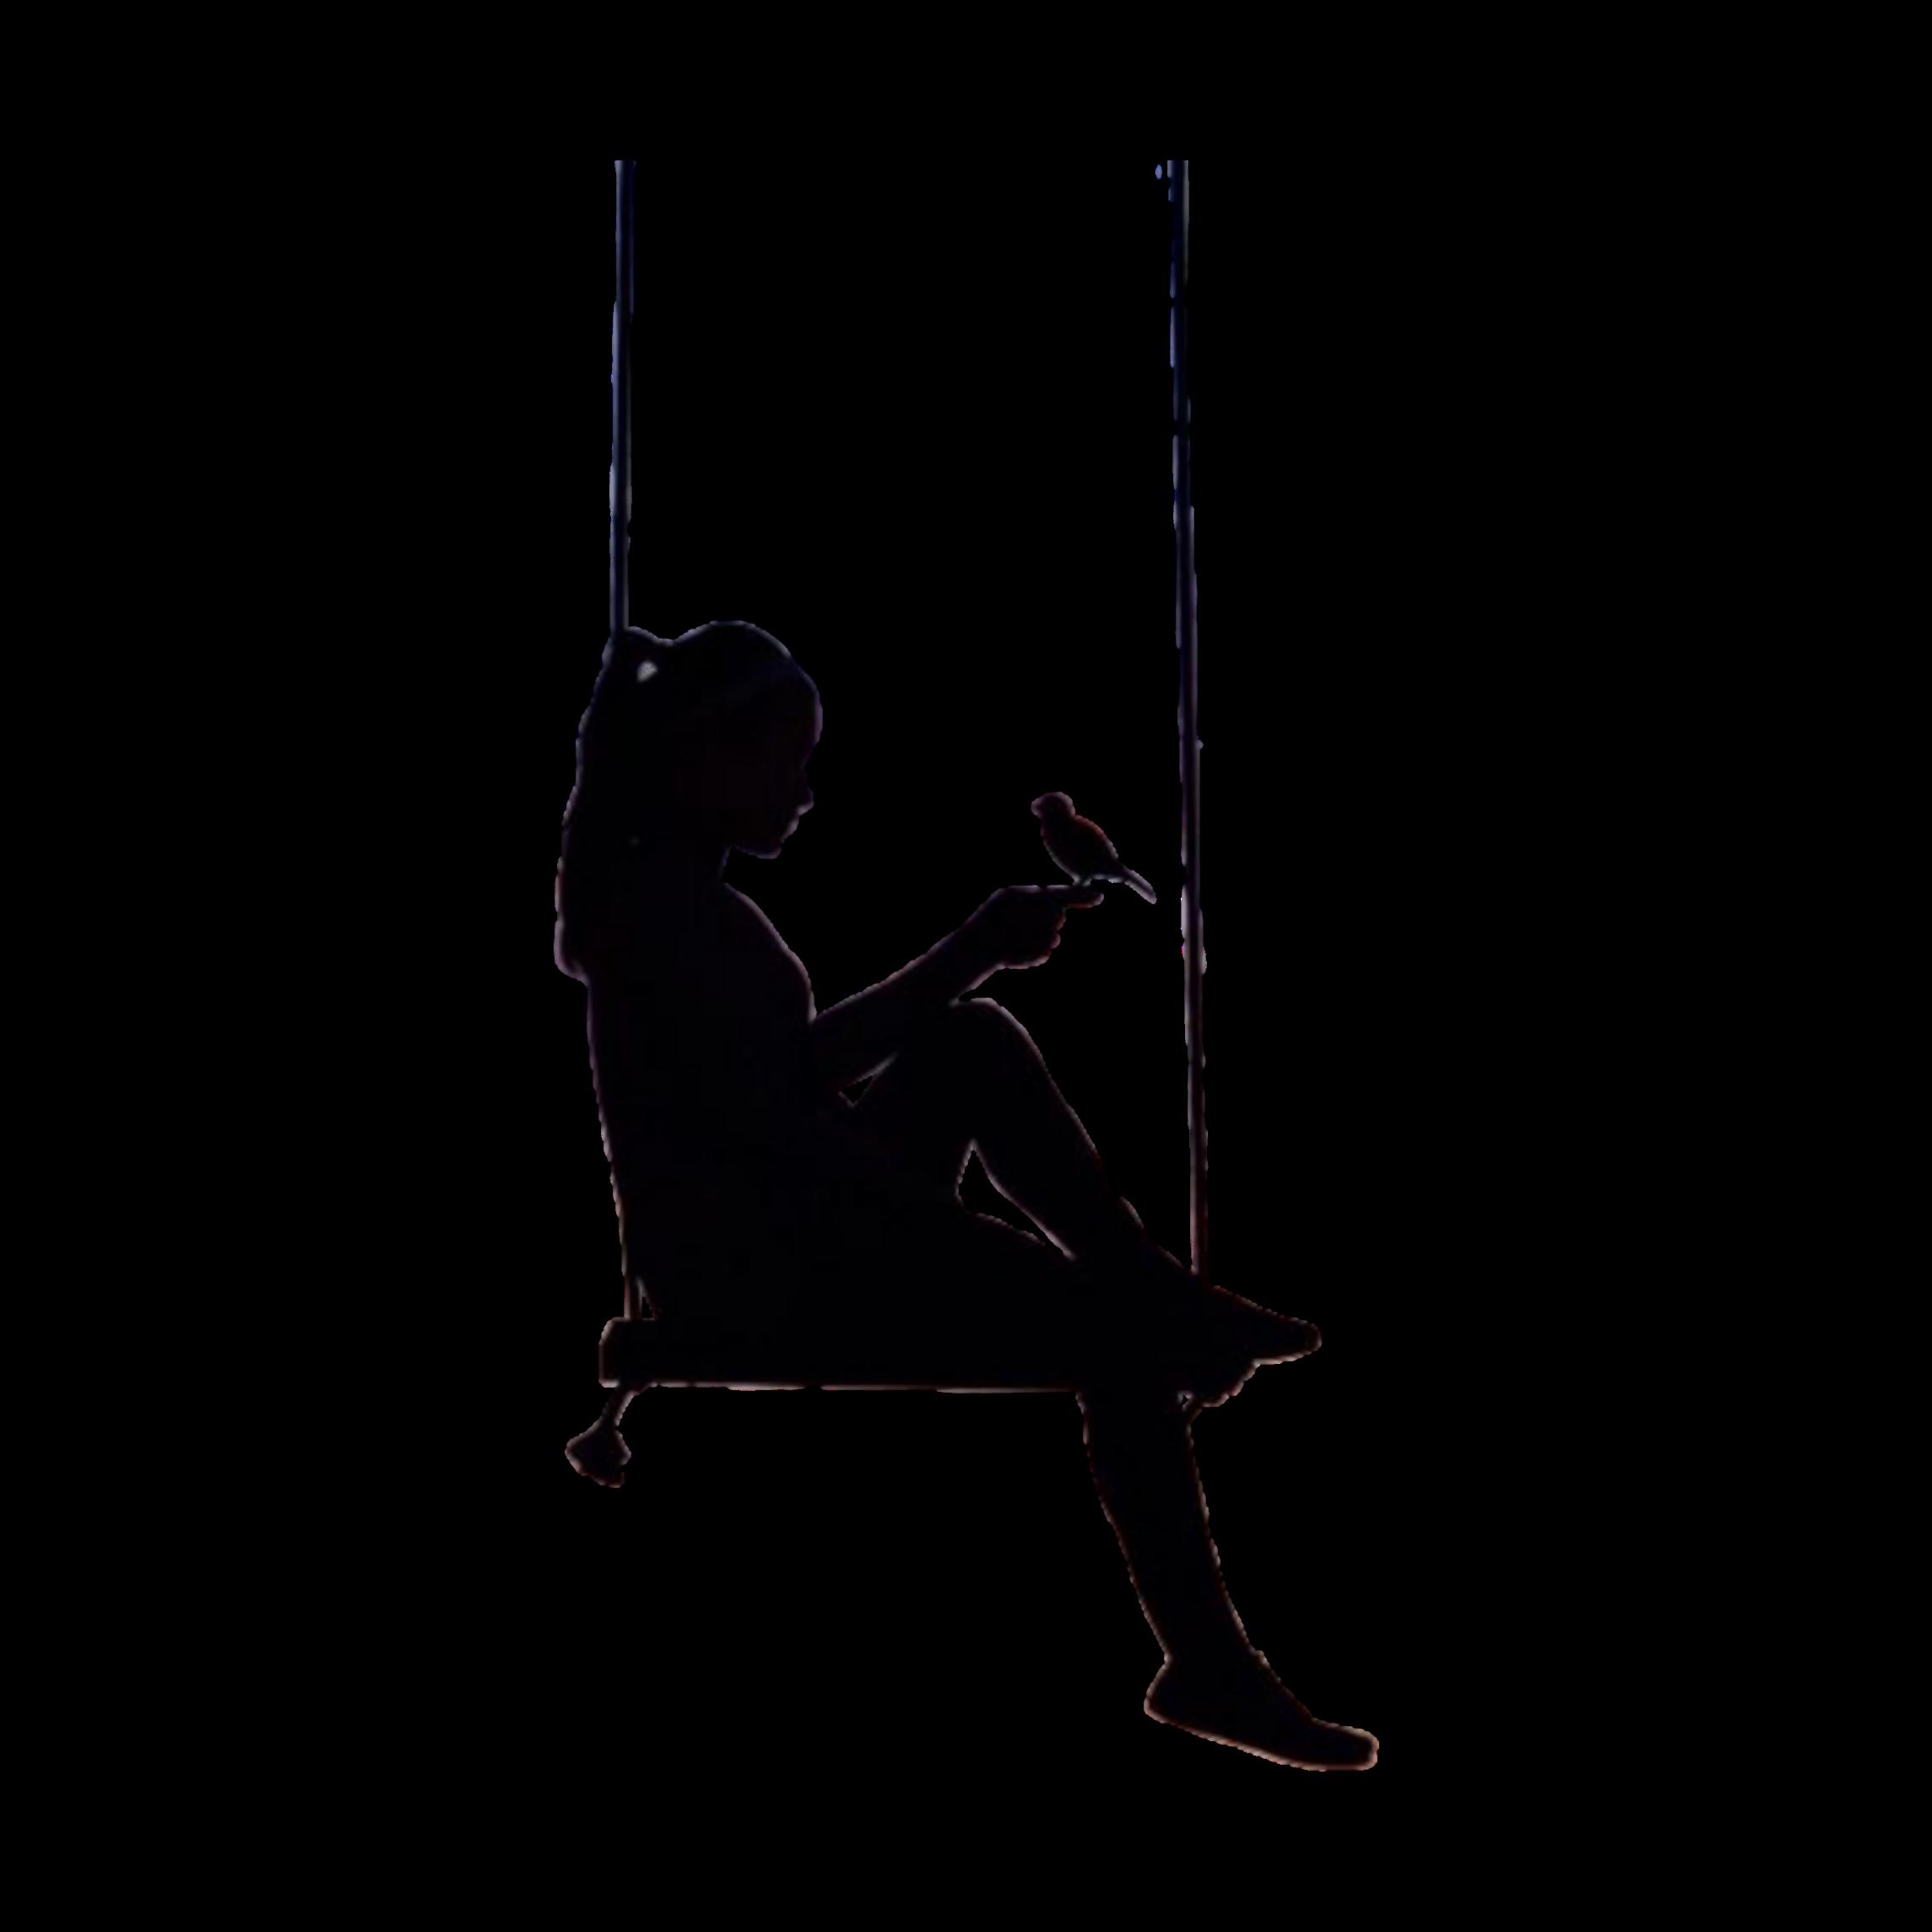 Freetoedit Silhouette Swing Bird Women Woman Sitting Remixit Silhouette Art Silhouette Painting Silhouette Drawing